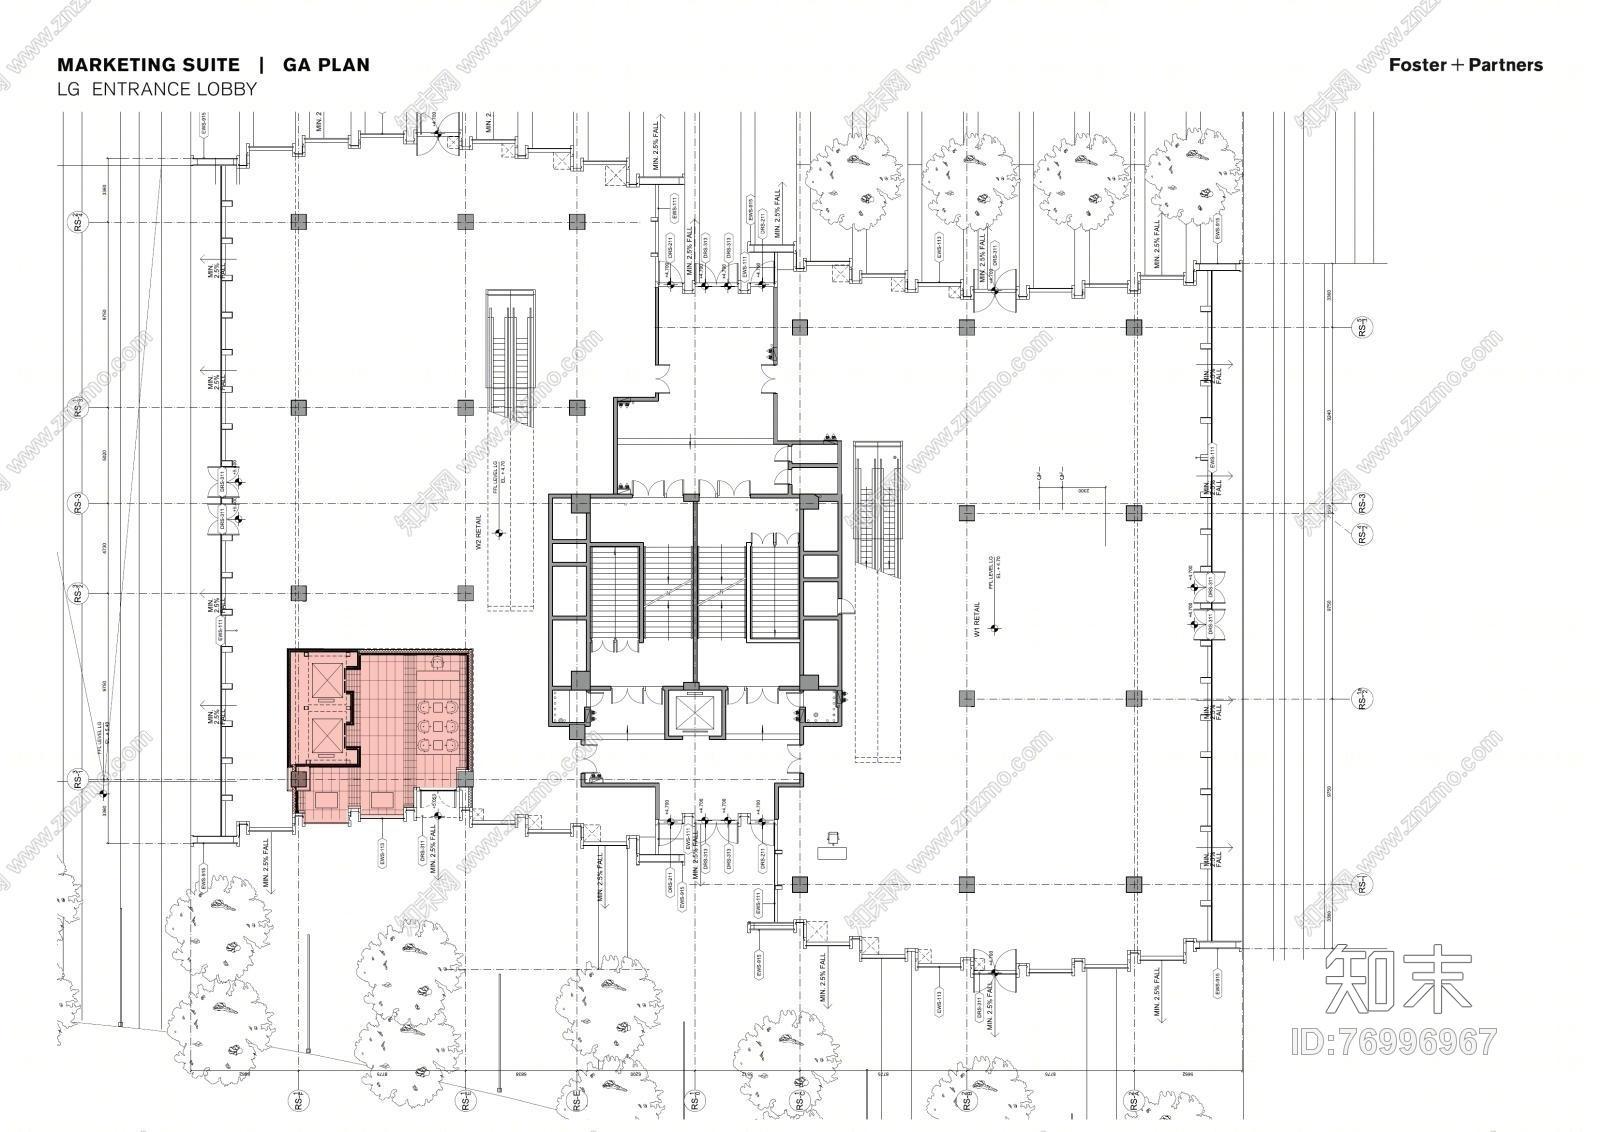 【如恩&设计共和】大涌华润城新展示中心丨设计方案+软装方案+施工图丨165M丨施工图下载【ID:76996967】